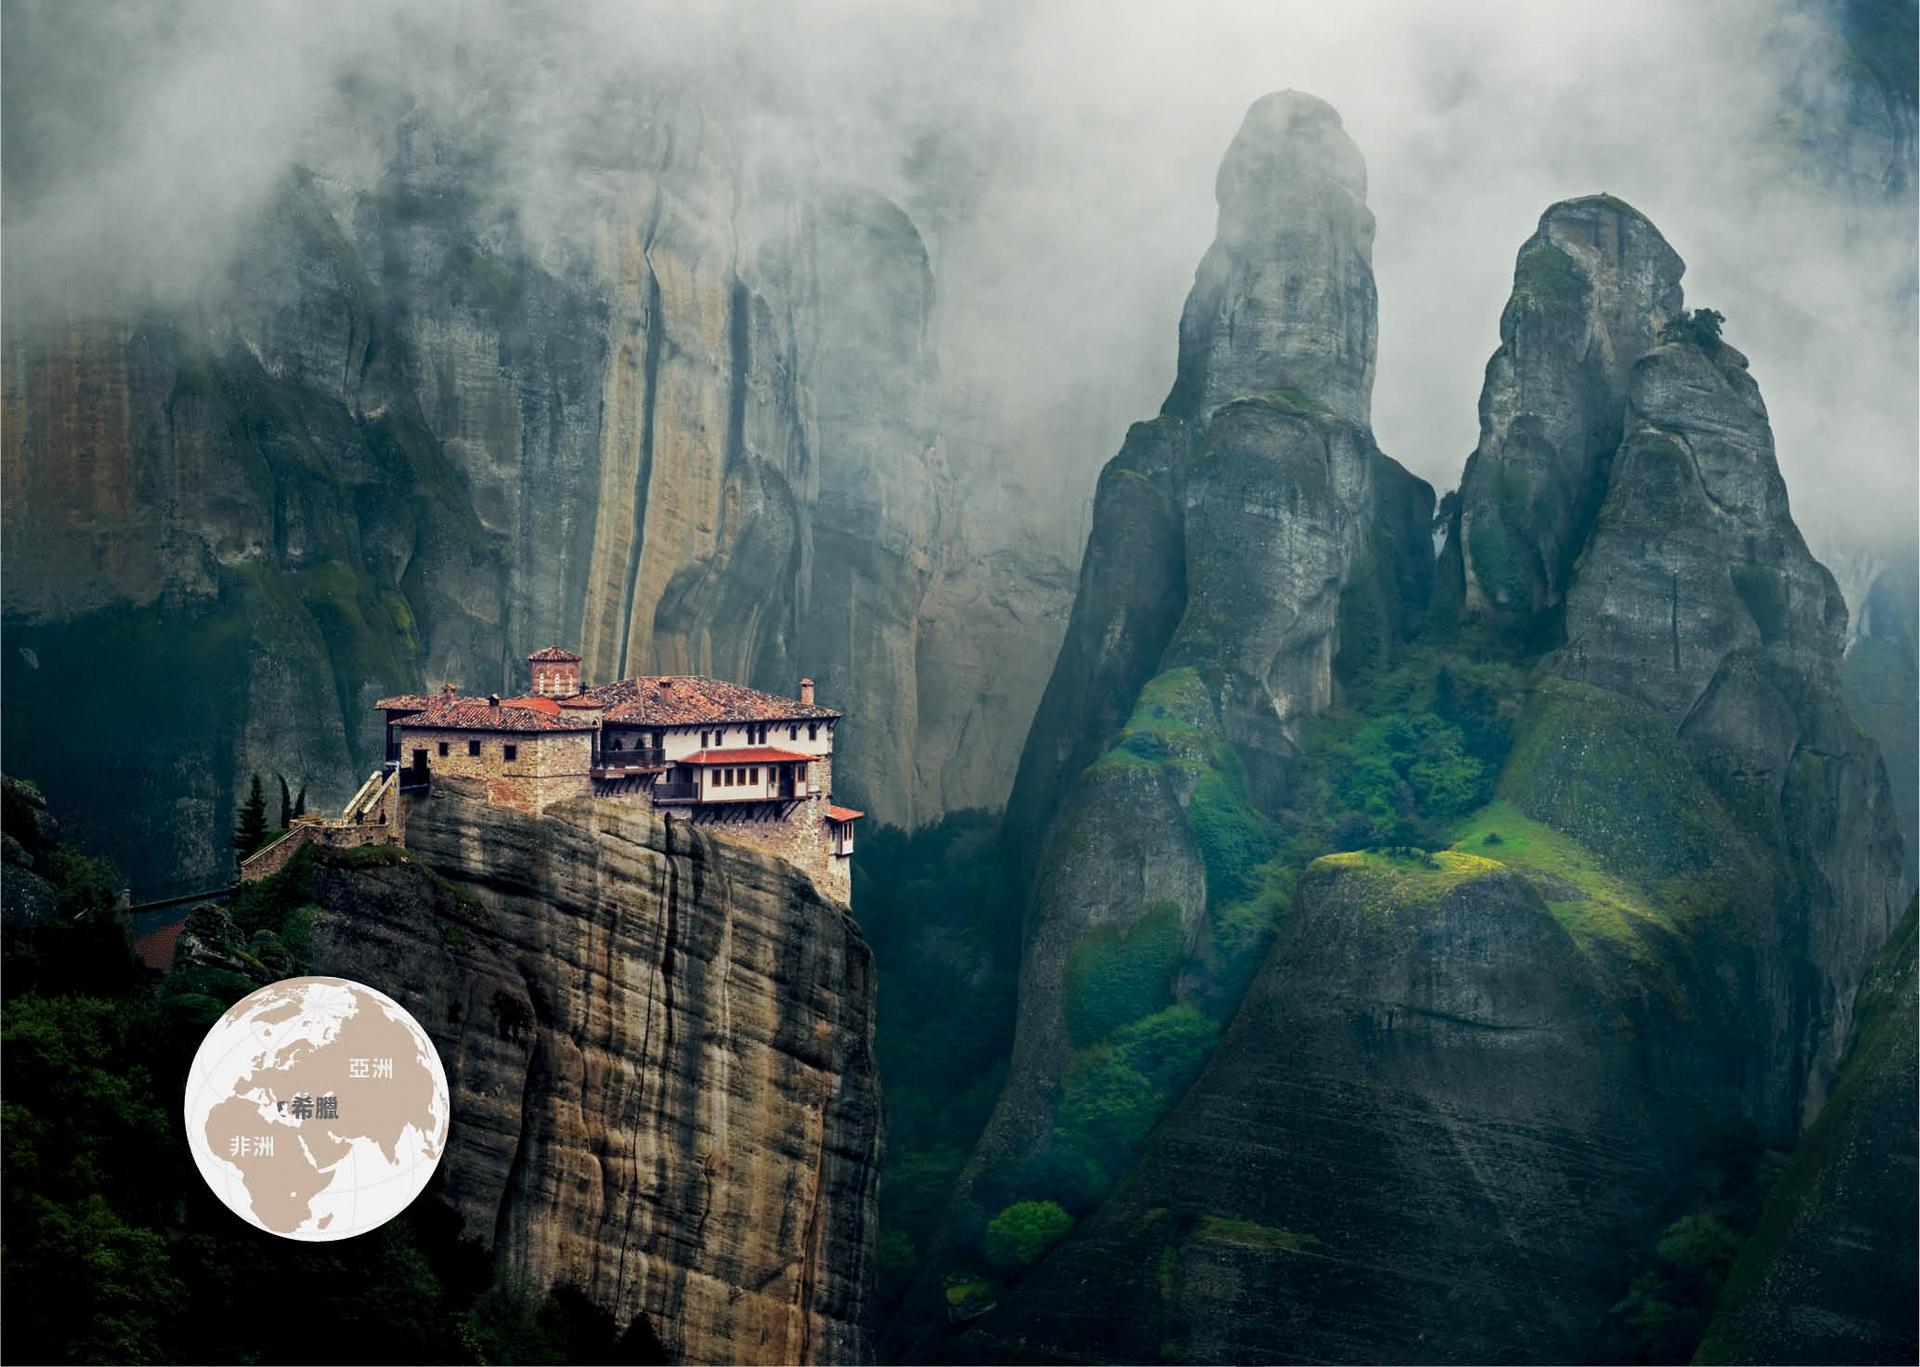 數字會說話|6000萬年:岩柱形成的估計年代。200階:抵達魯桑奴修道院需要走的臺階數。4小時:從雅典開車前往此處的時間。攝影: 凡塞林. 阿塔納索夫。NGM MAPS.